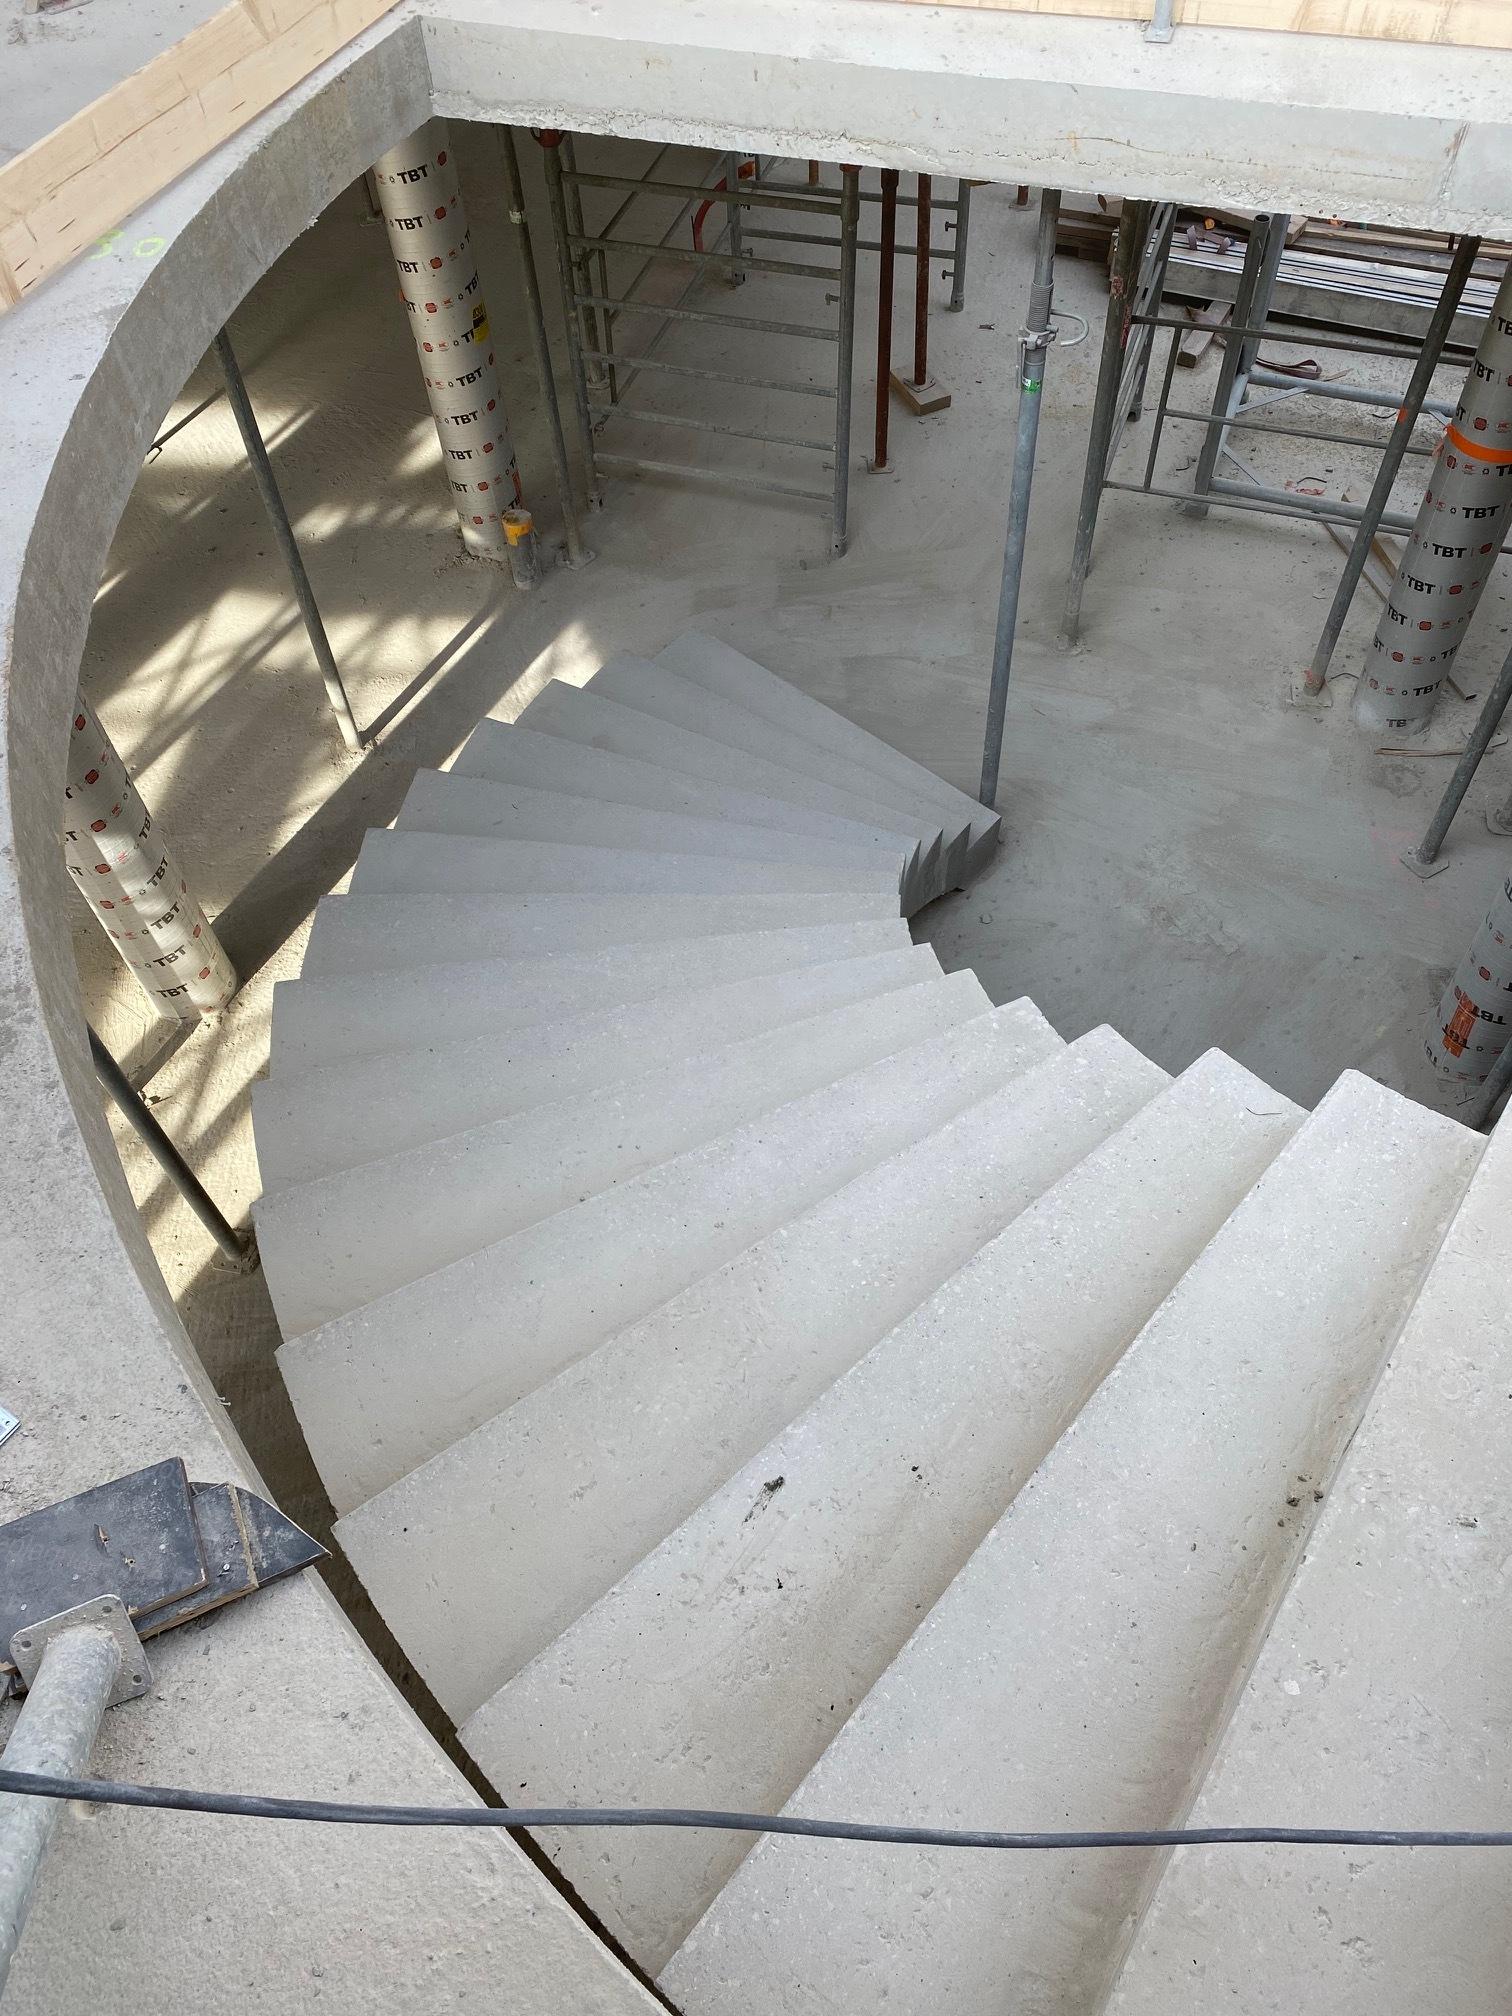 La trémie en arc de cercle épousant la forme de l'escalier